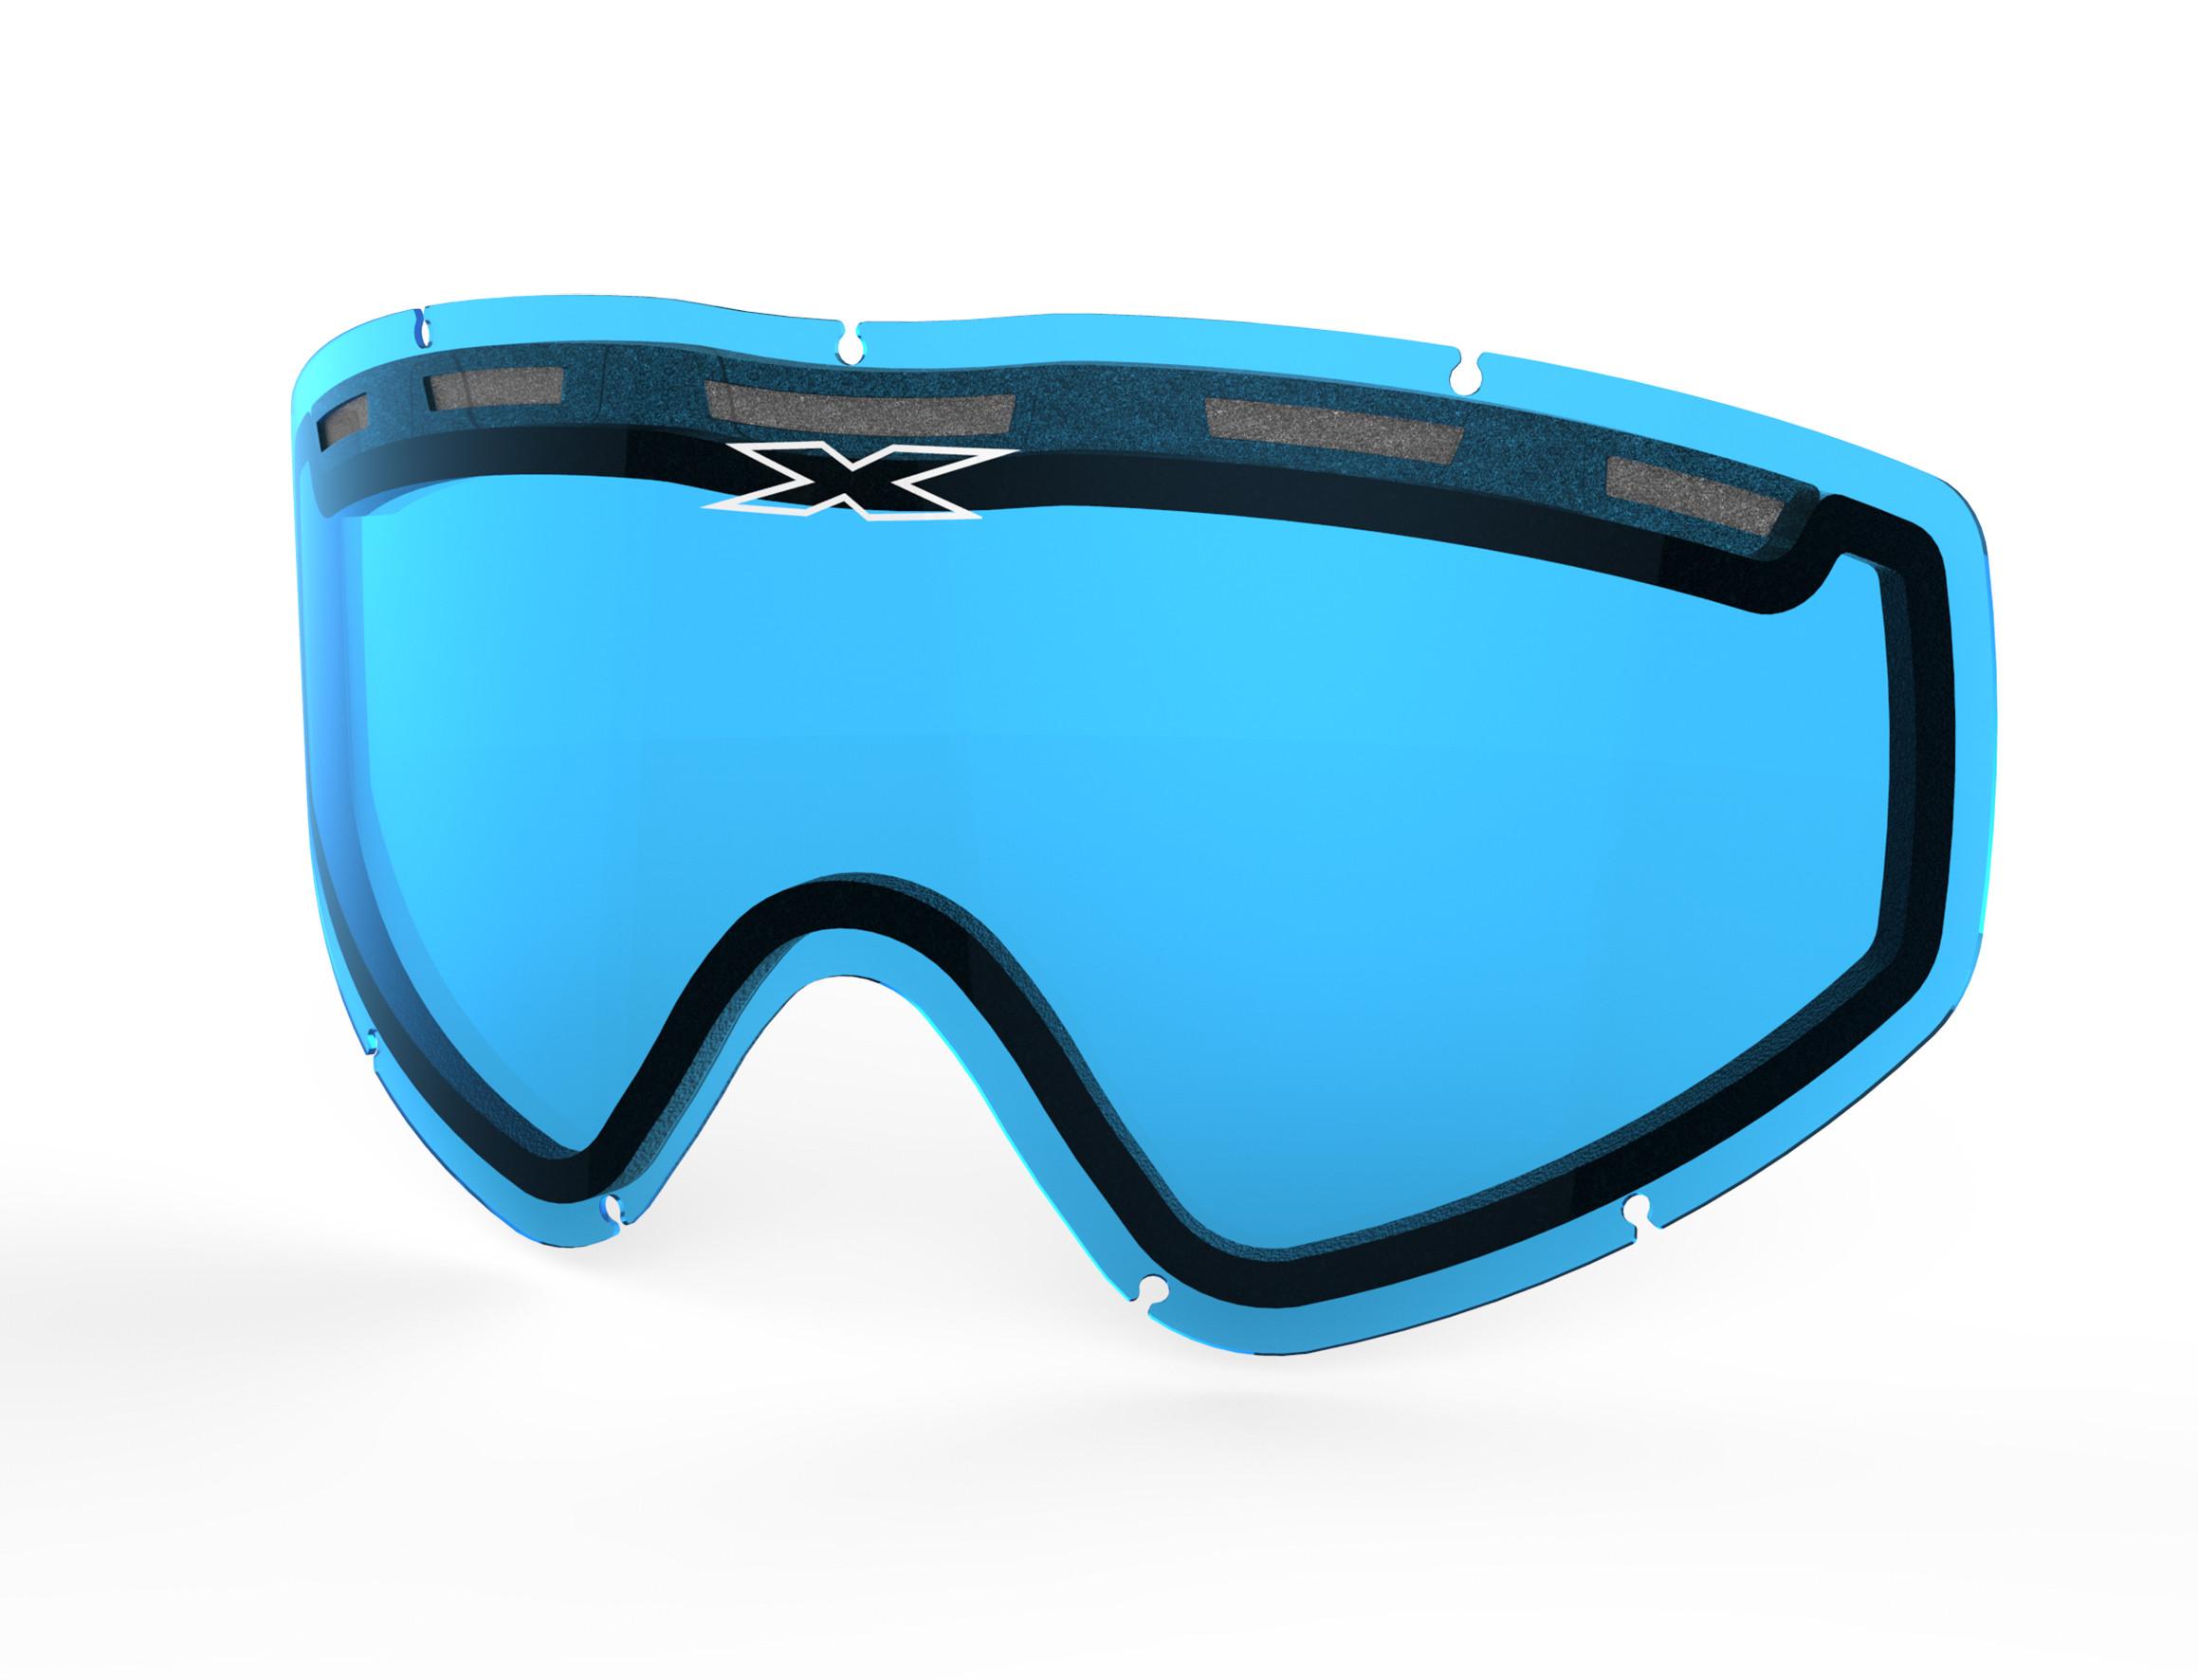 GO-X DUAL-PANE VENTED LENS BLUE